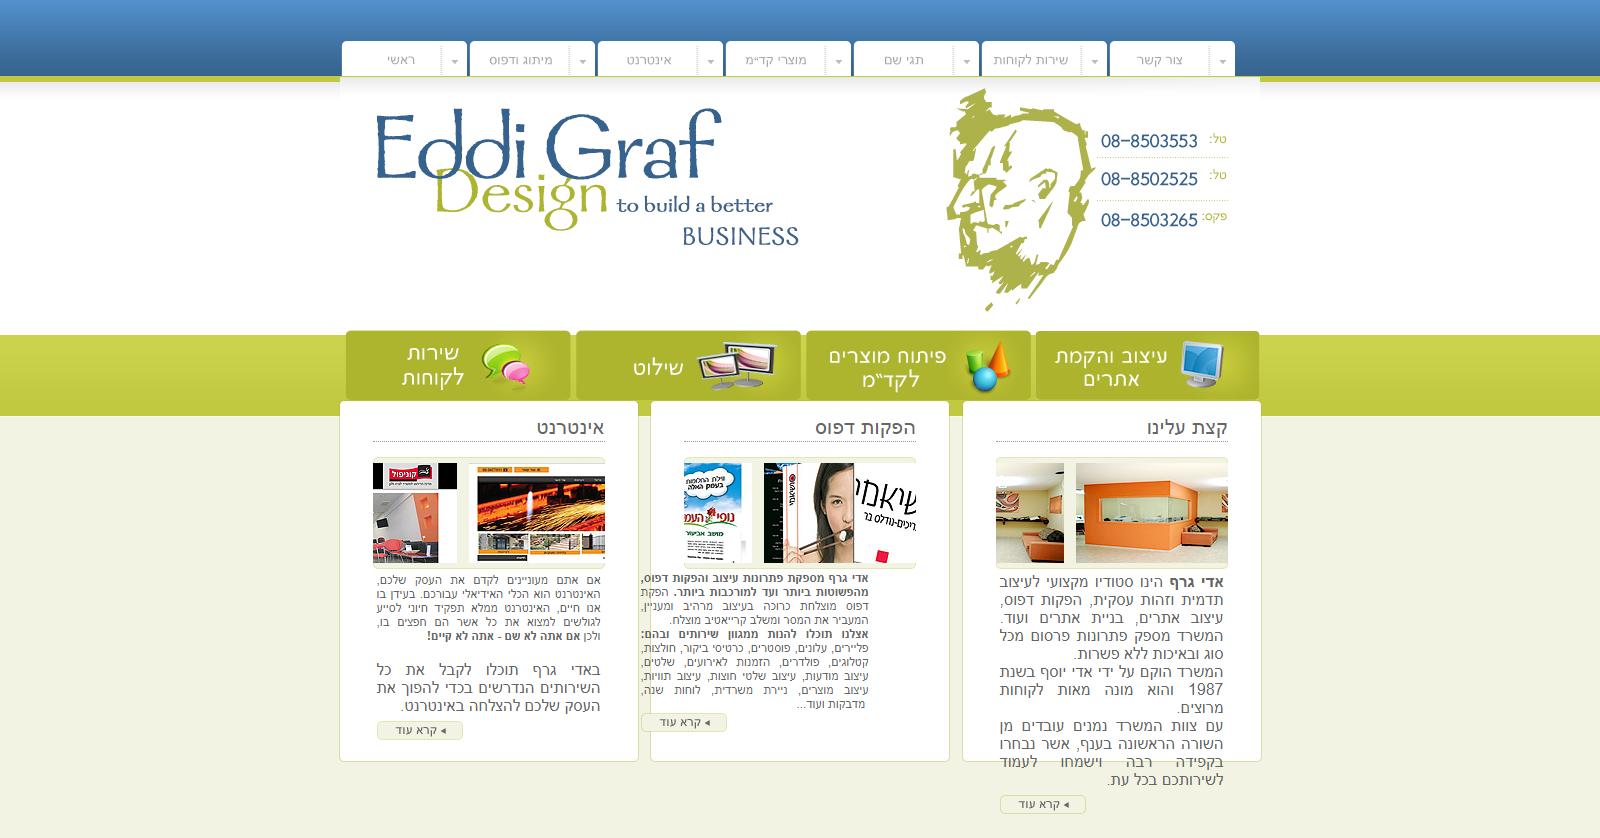 אדיגרף - עיצוב גרפי ודפוס